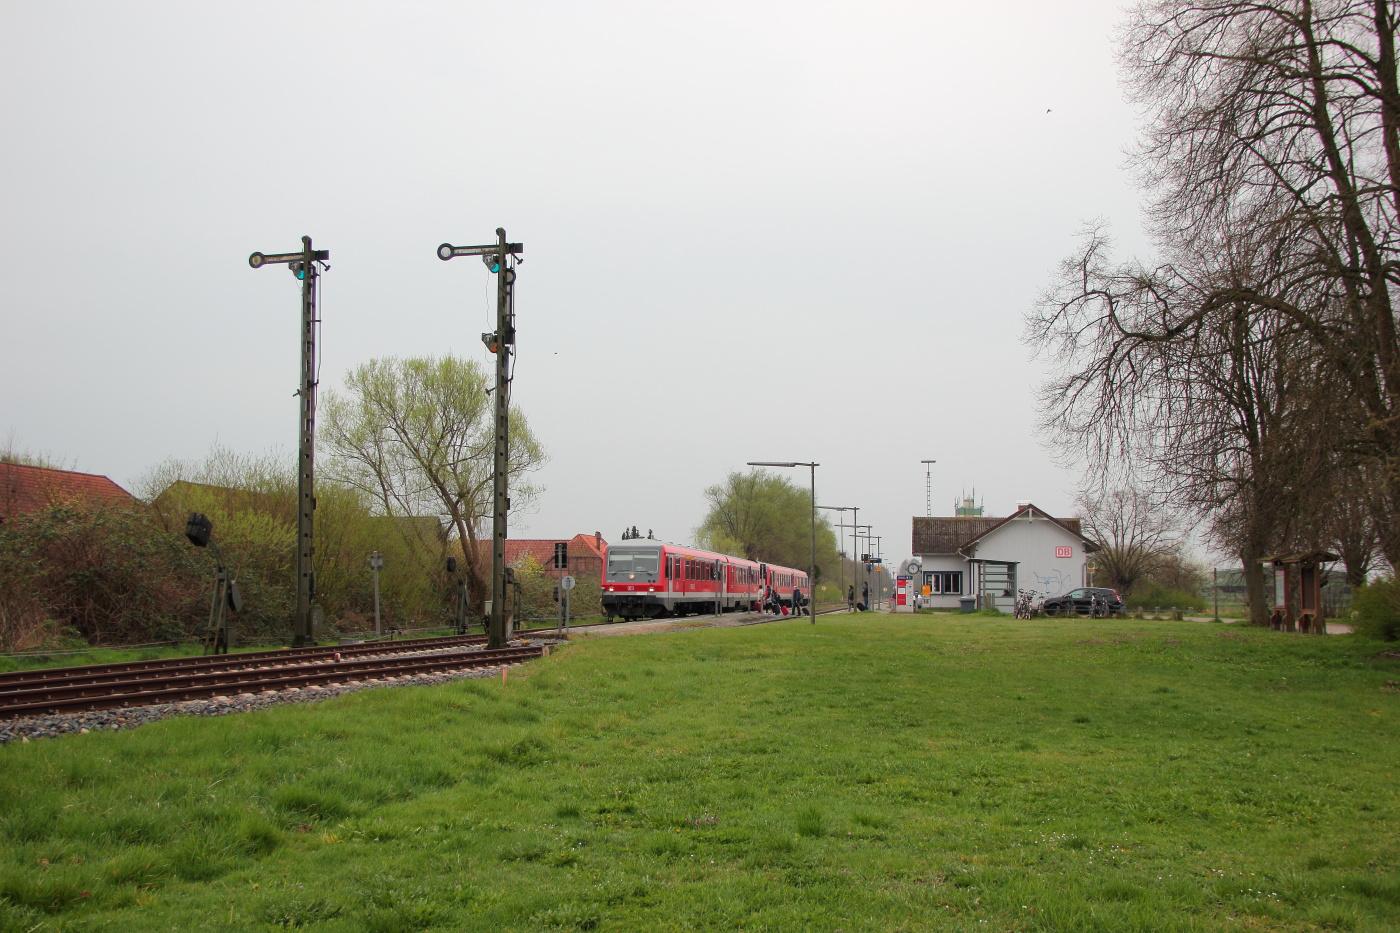 http://www.nachtbahner.de/Fotos/2014-04-05%20M%c3%bchlenbahn/k-IMG_2545%20KBS%20115%20M%c3%bchlenbahn%2005.04.14%20(5).JPG